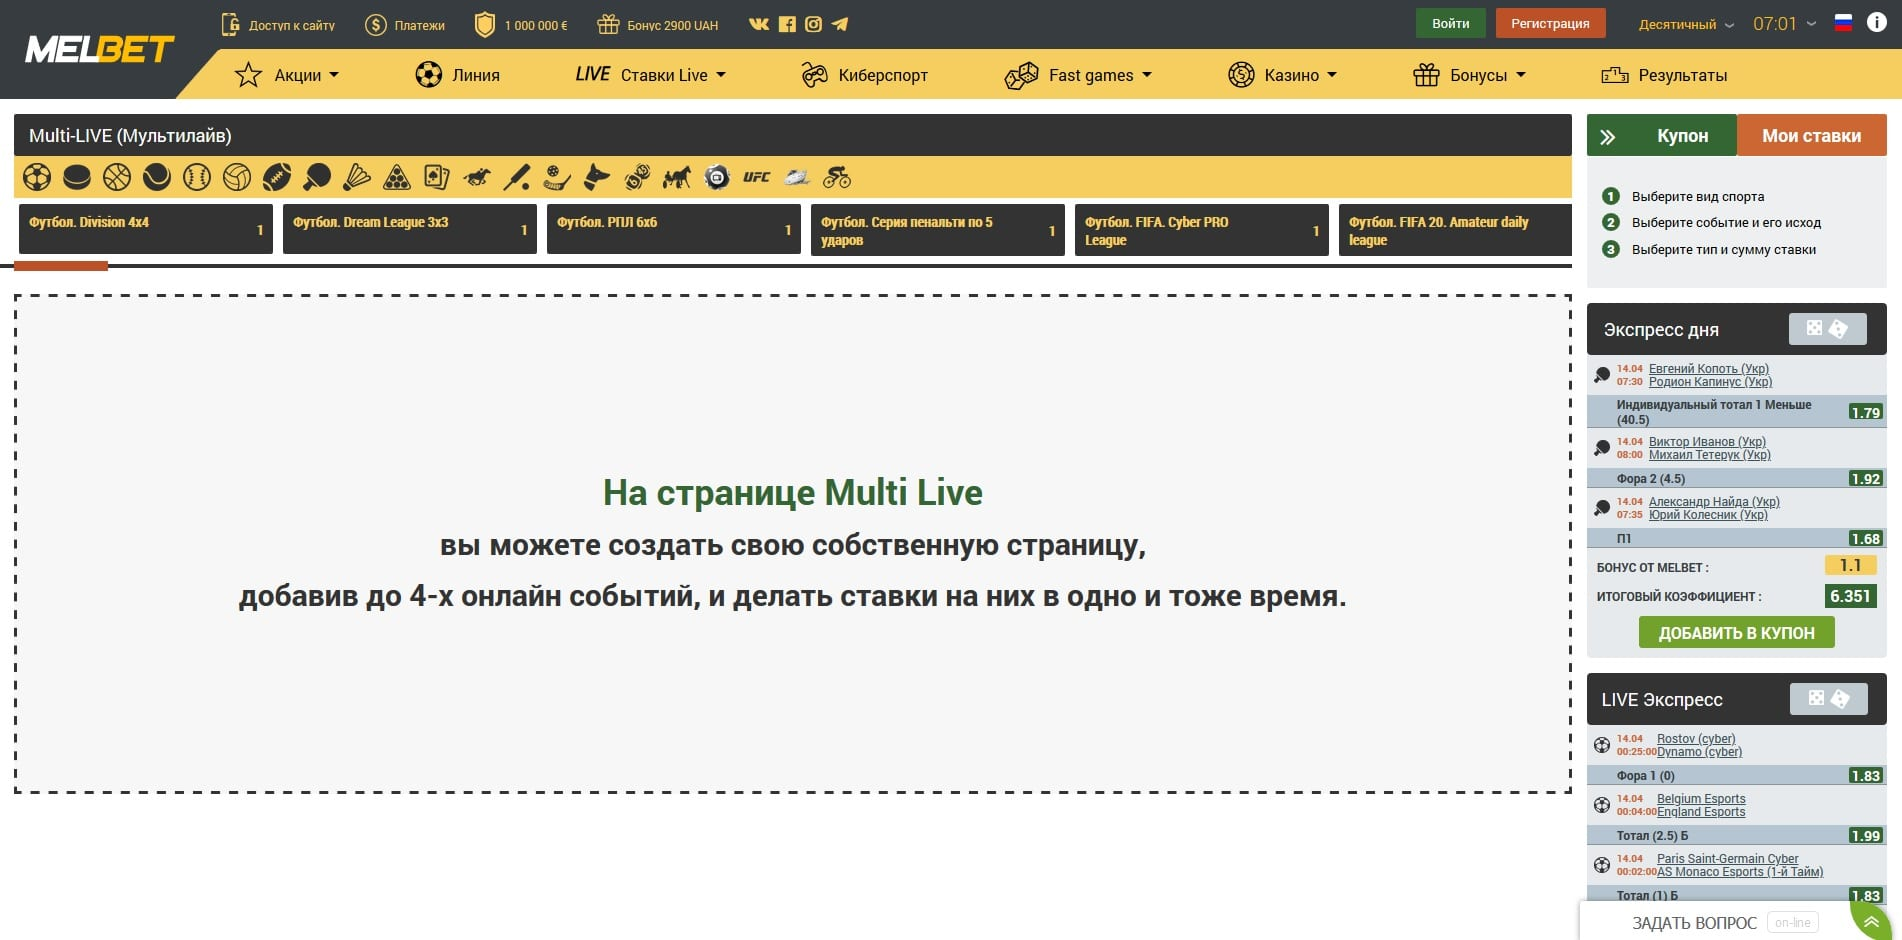 режим ставок Multi Live